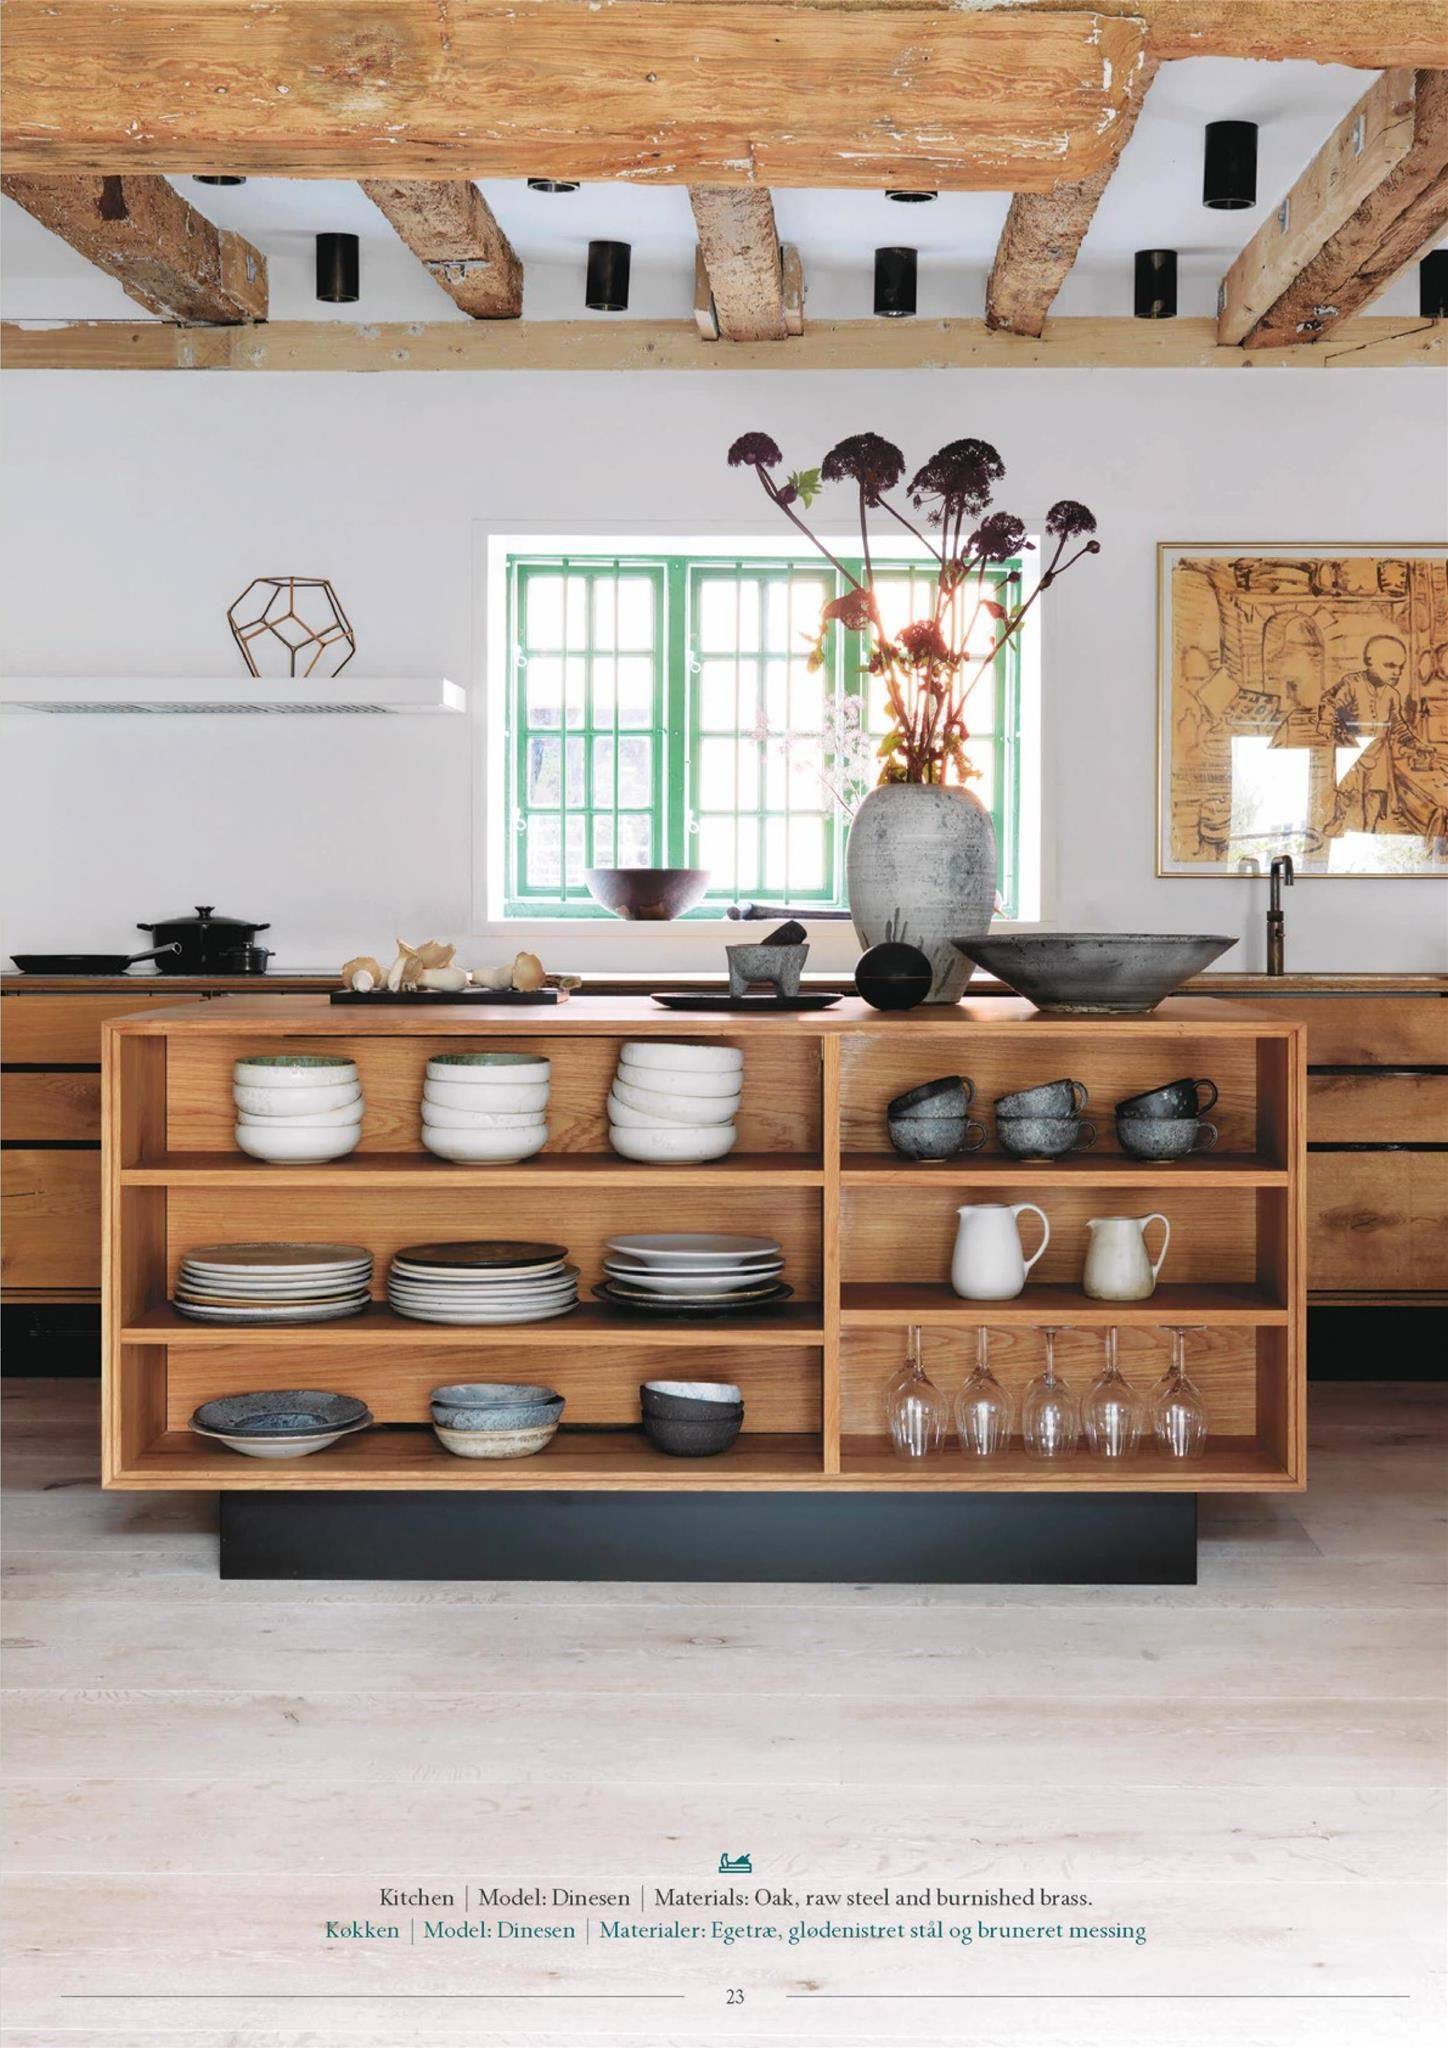 Schön Wechsel Küchenschranktüren Ideen Galerie - Ideen Für Die Küche ...